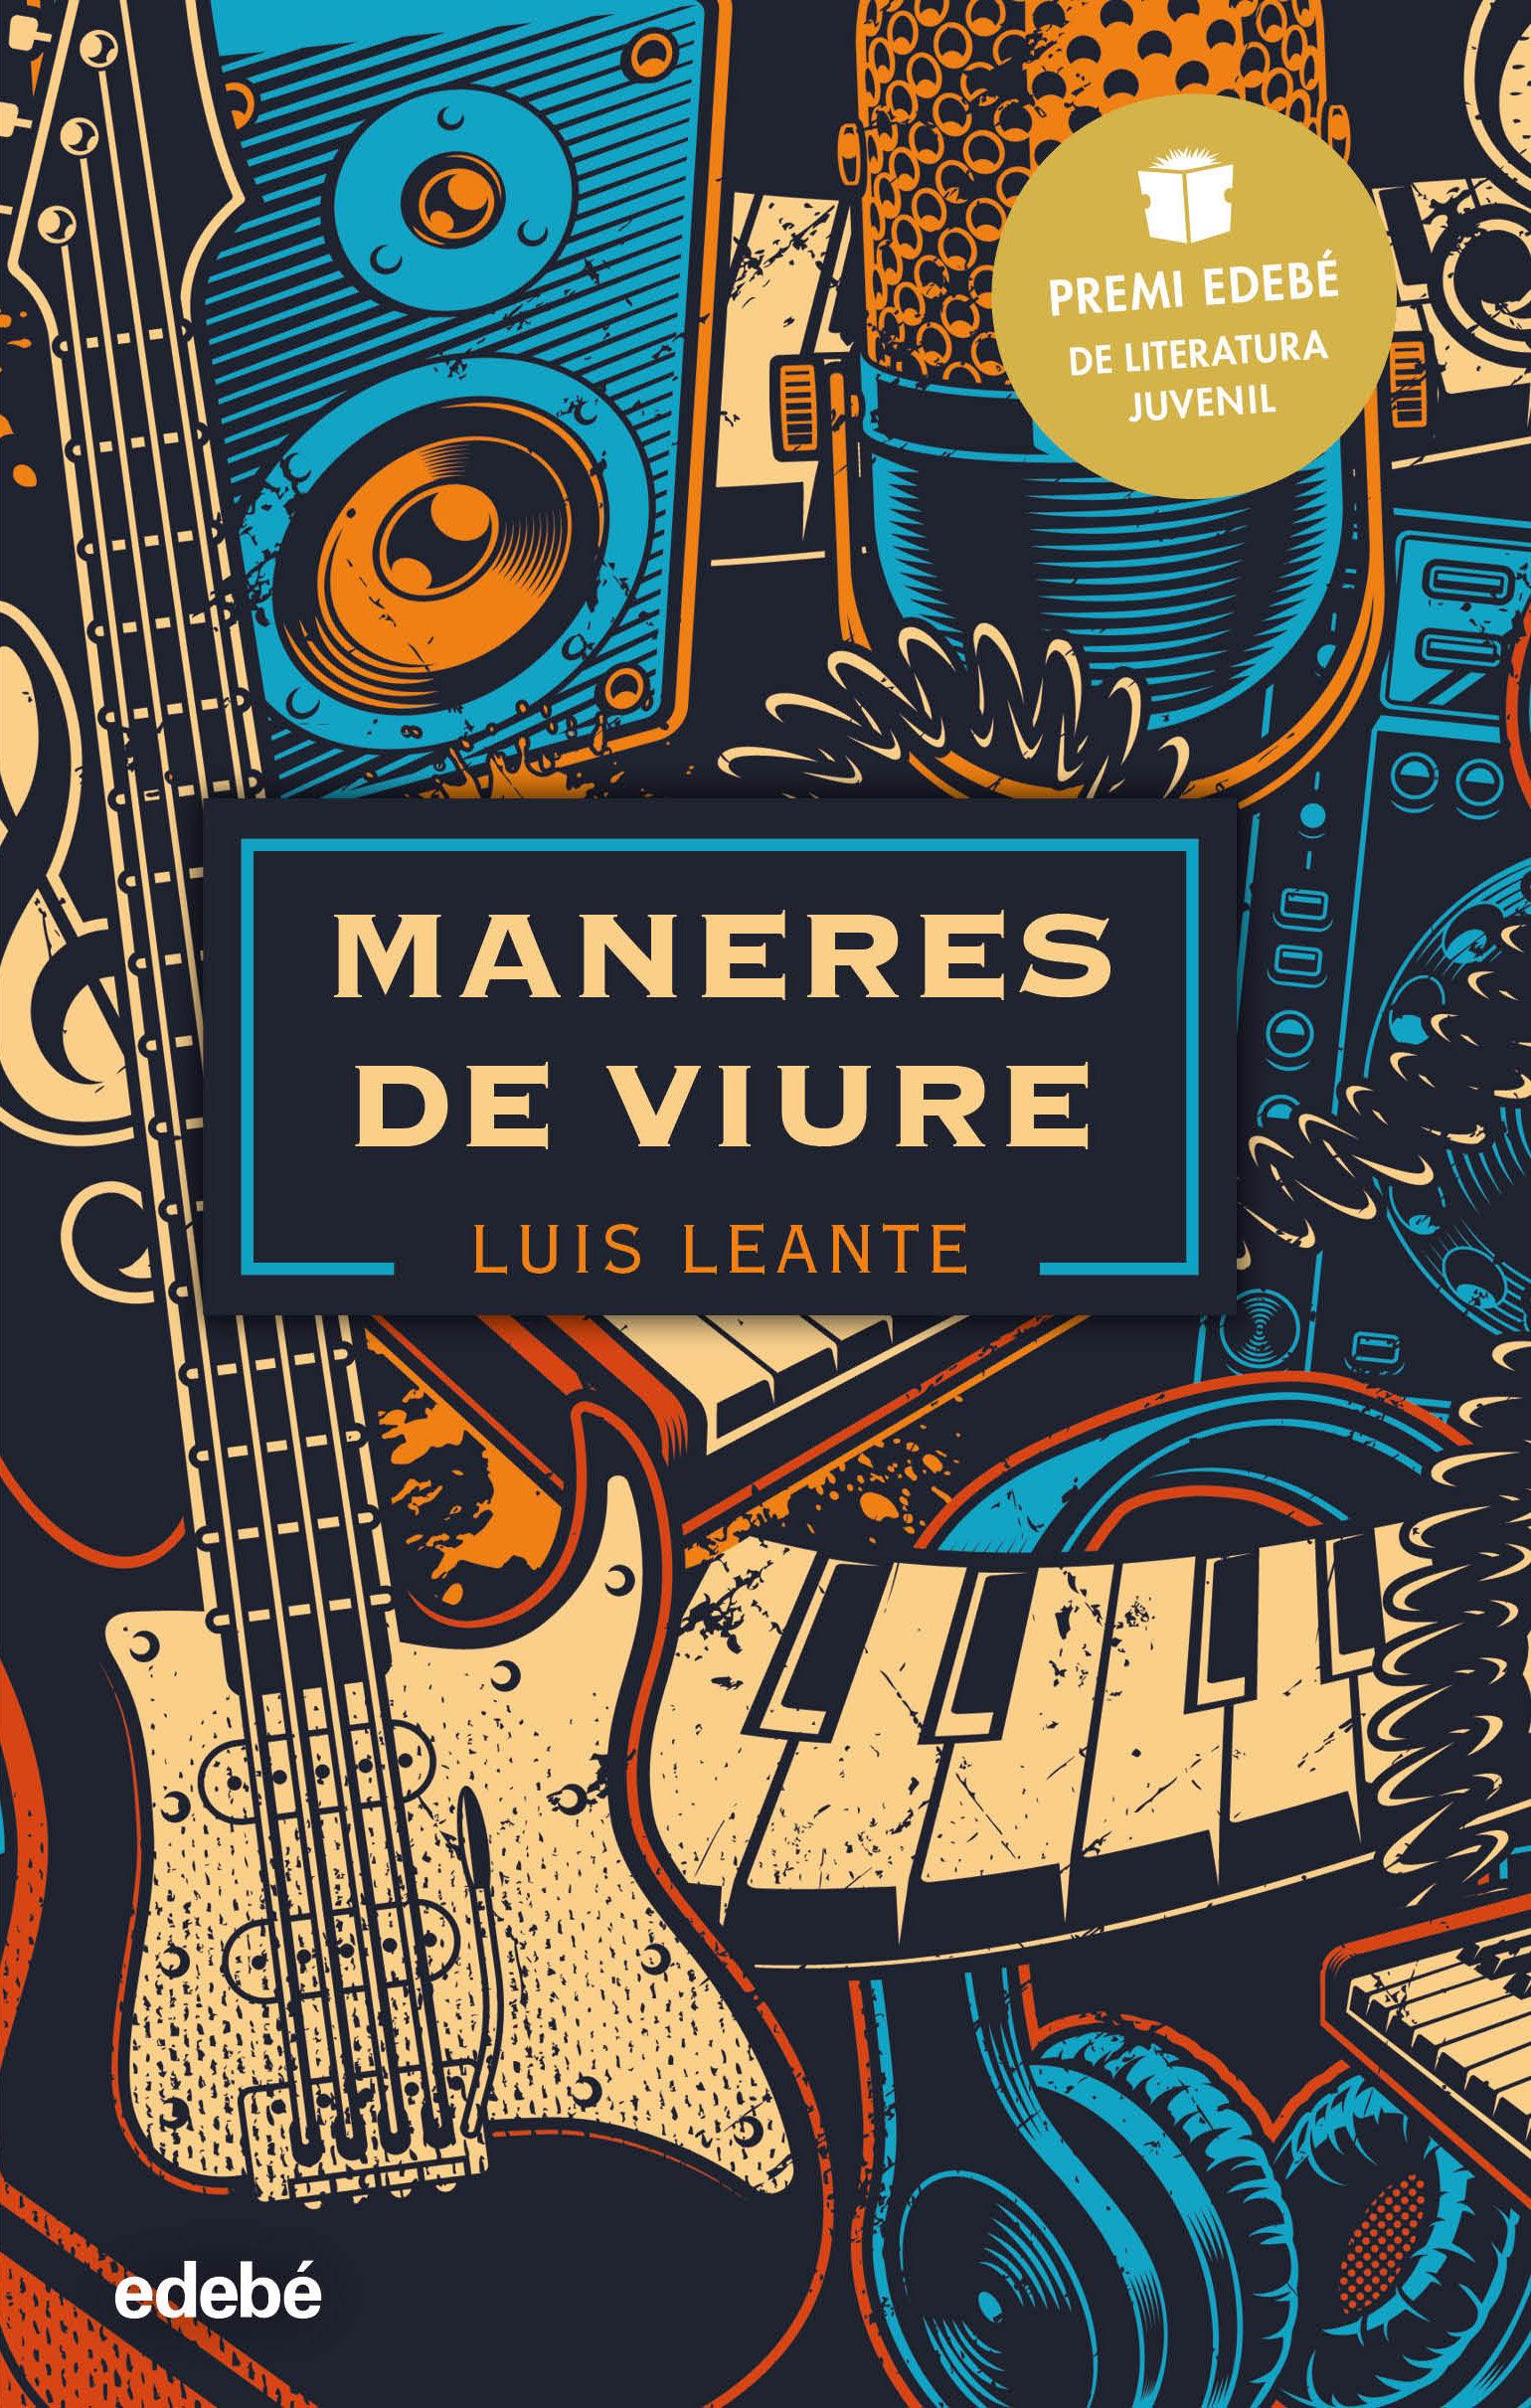 MANERES DE VIURE